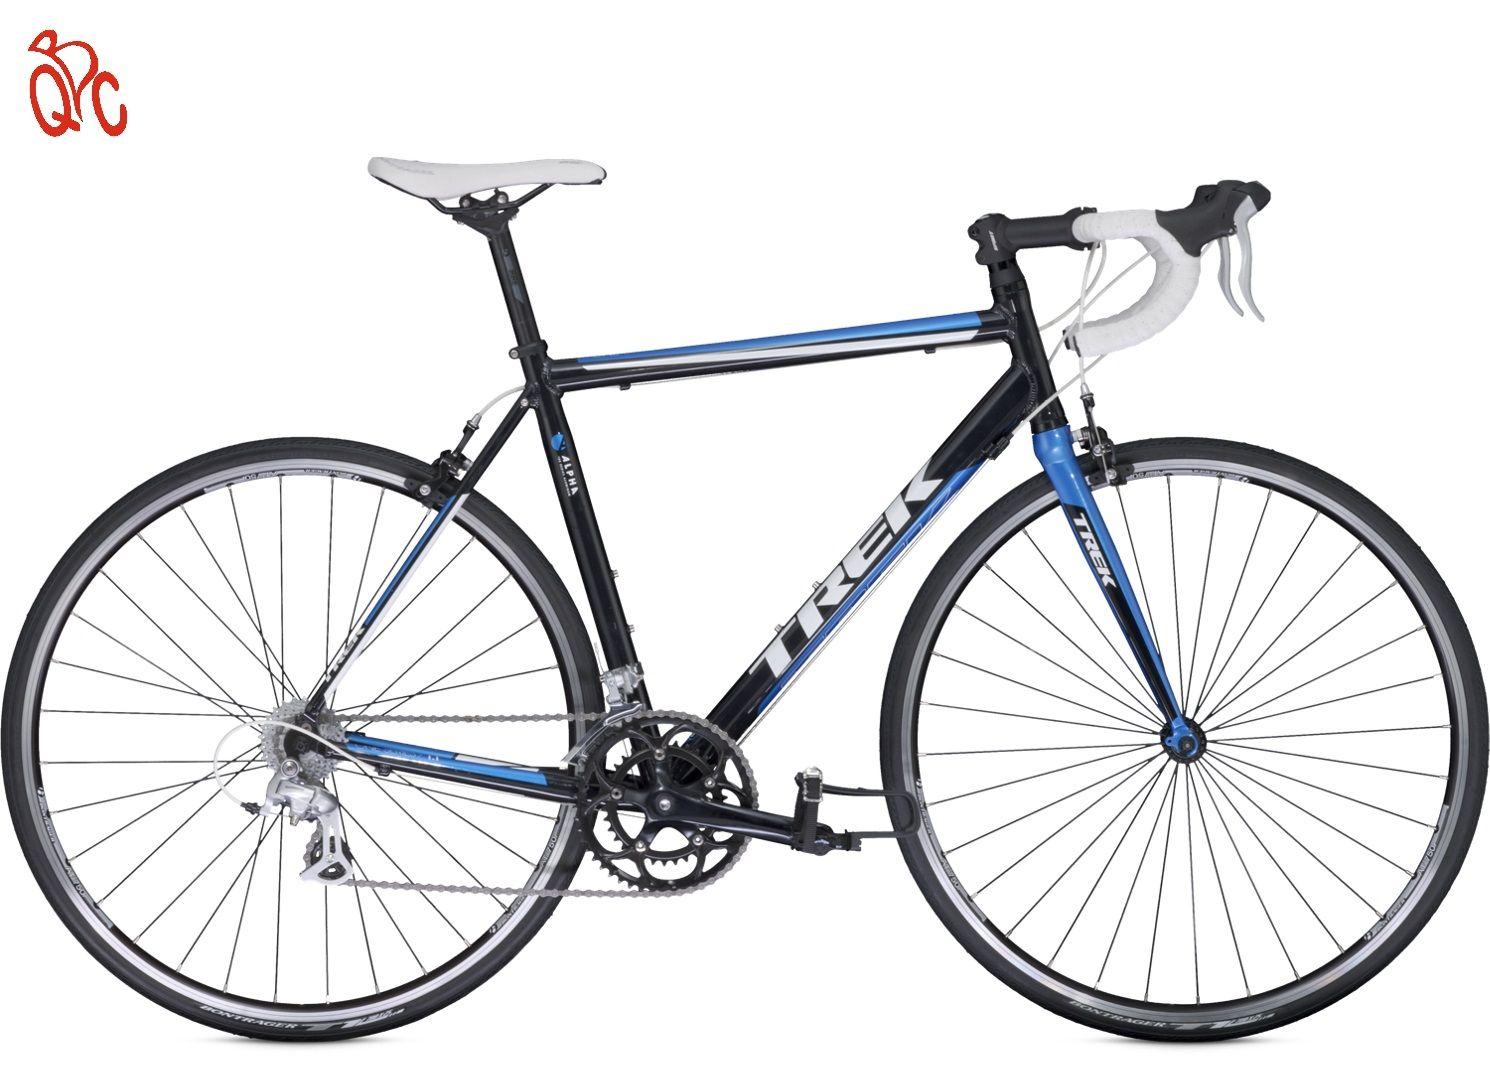 Trek 1 1 Road Bike 2013 Quinns Price 499 99 Trek Bicycle